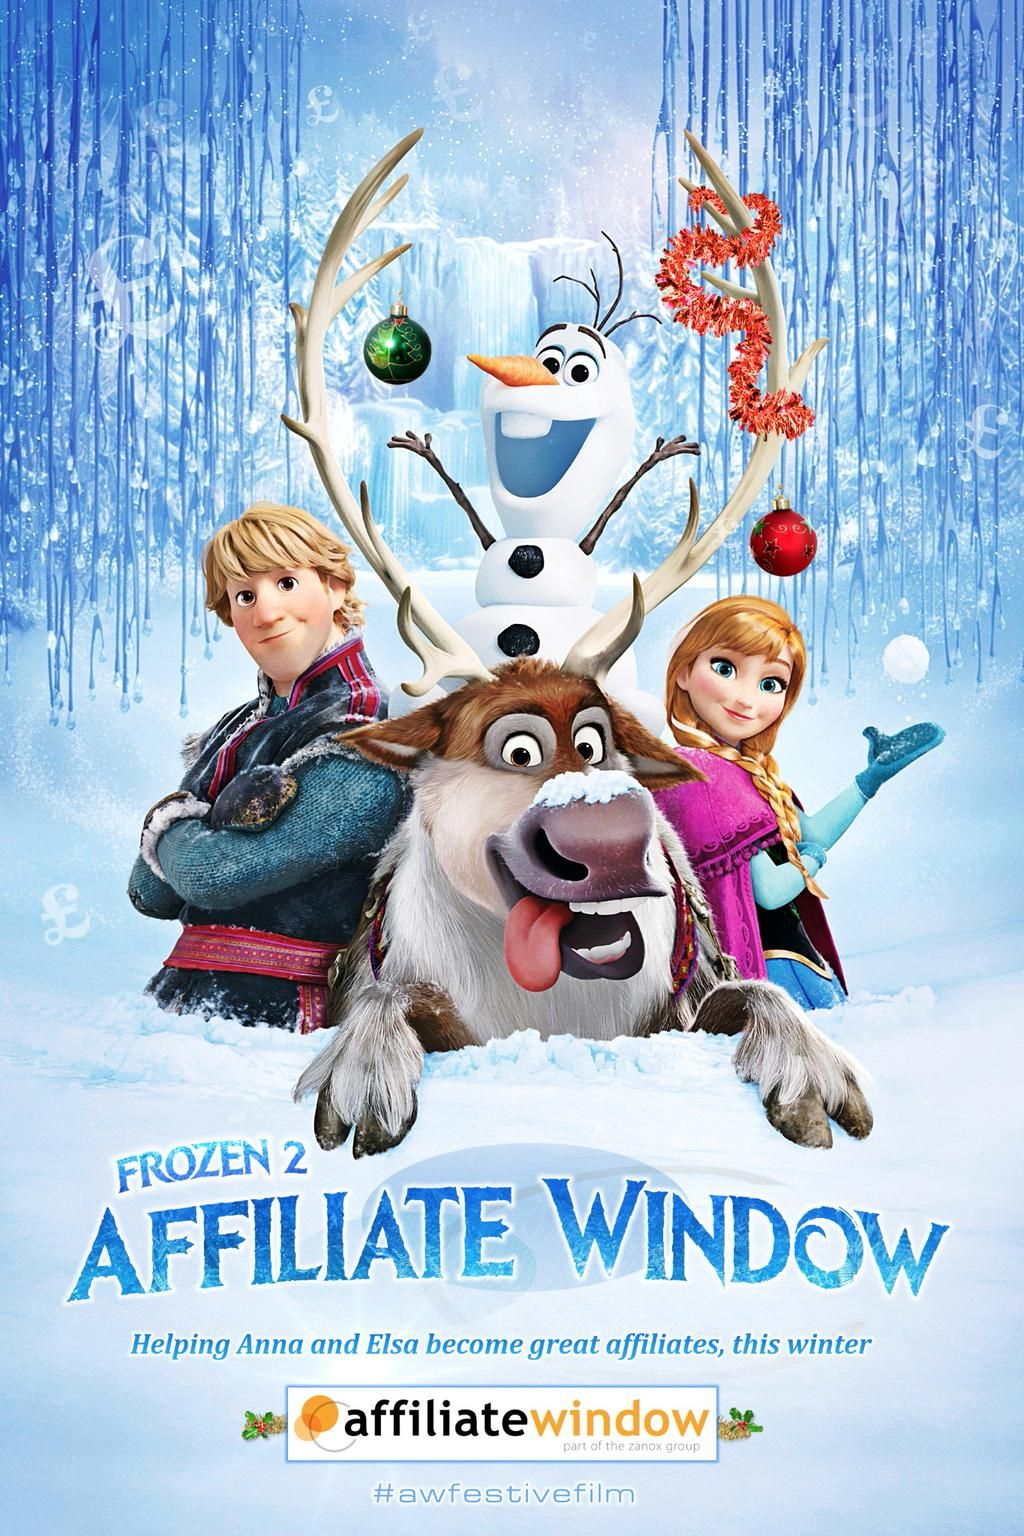 Richard Harper on in 2020 Frozen movie, Frozen poster